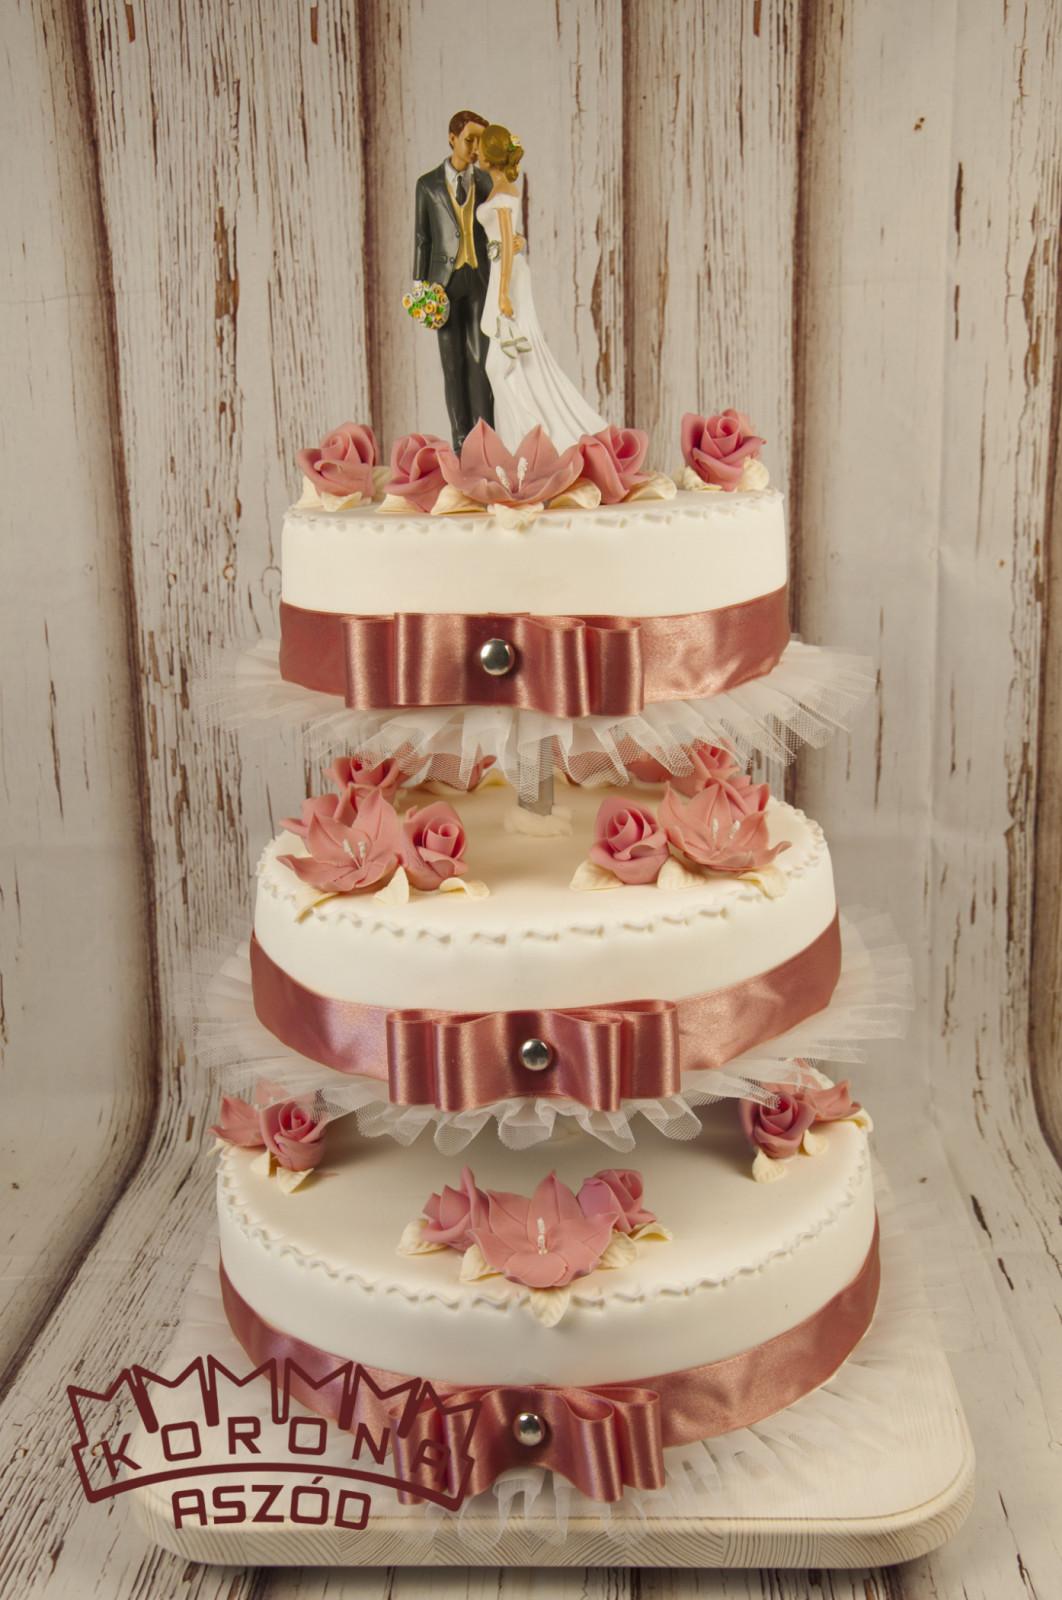 ef9e9fa414 Korona Cukrászda esküvői torta kínálata